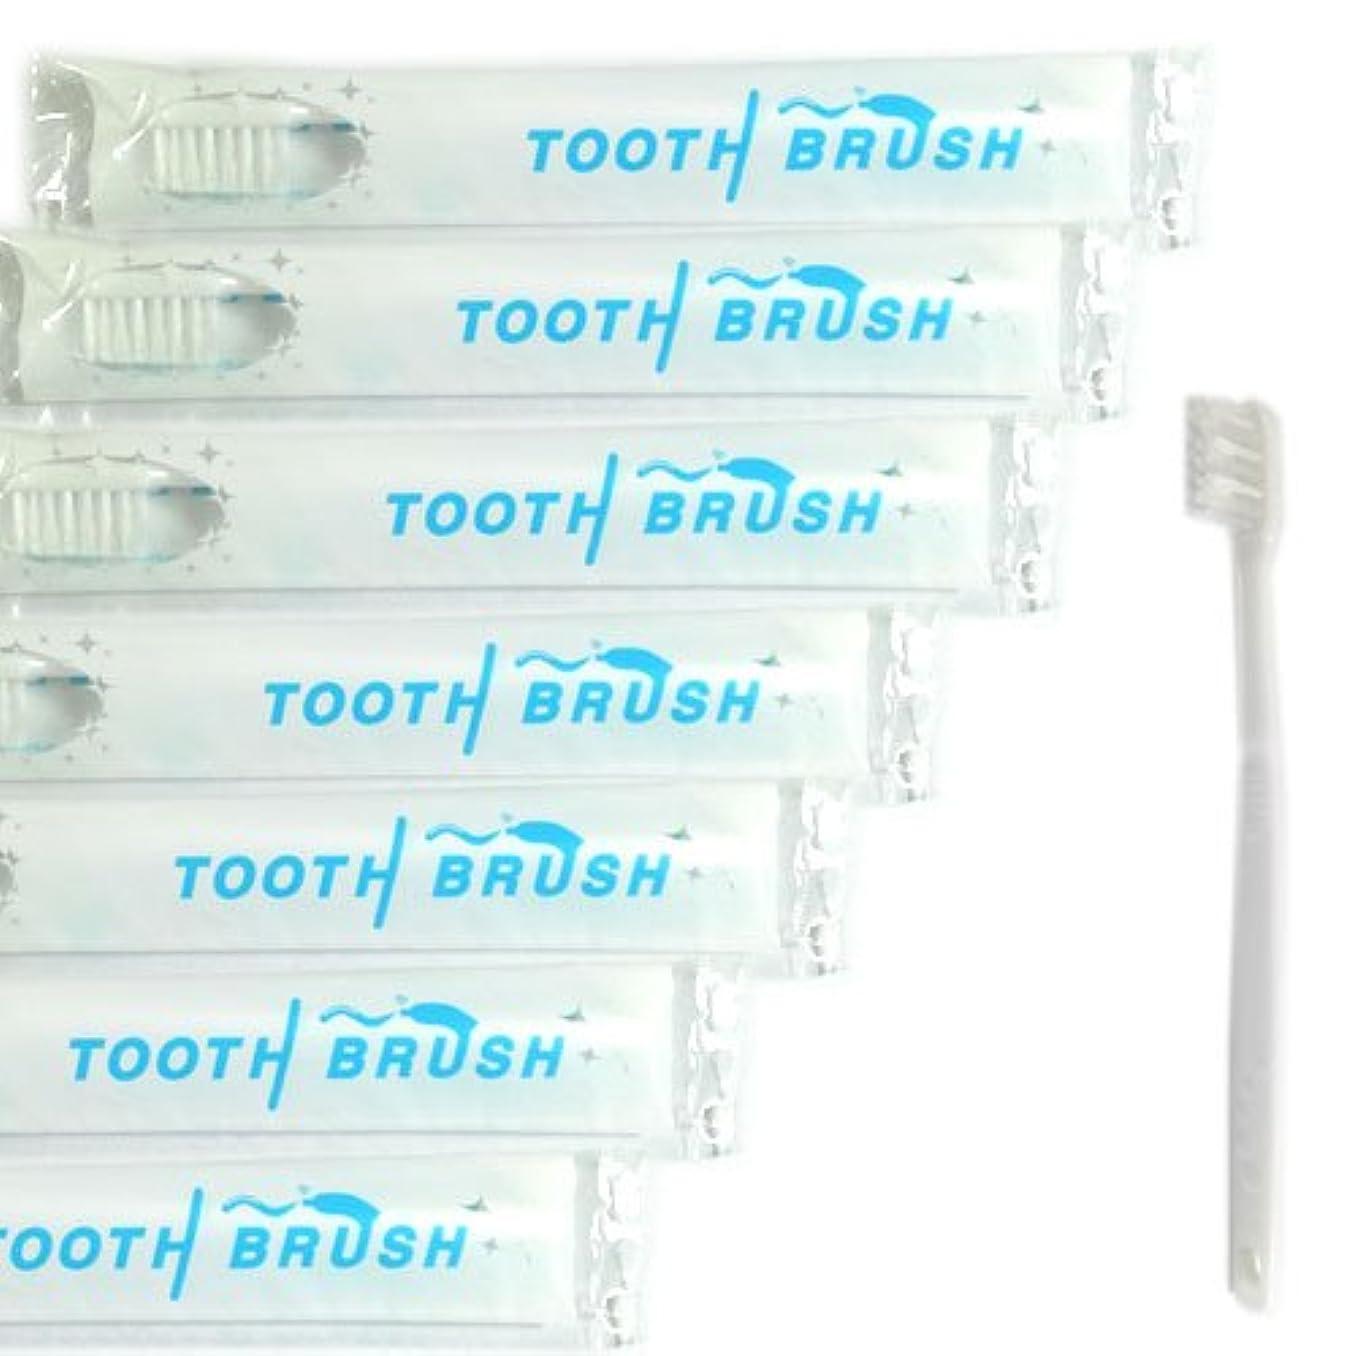 余分な再生的目指す業務用 使い捨て(インスタント) 粉付き歯ブラシ(100本組) 予備付き